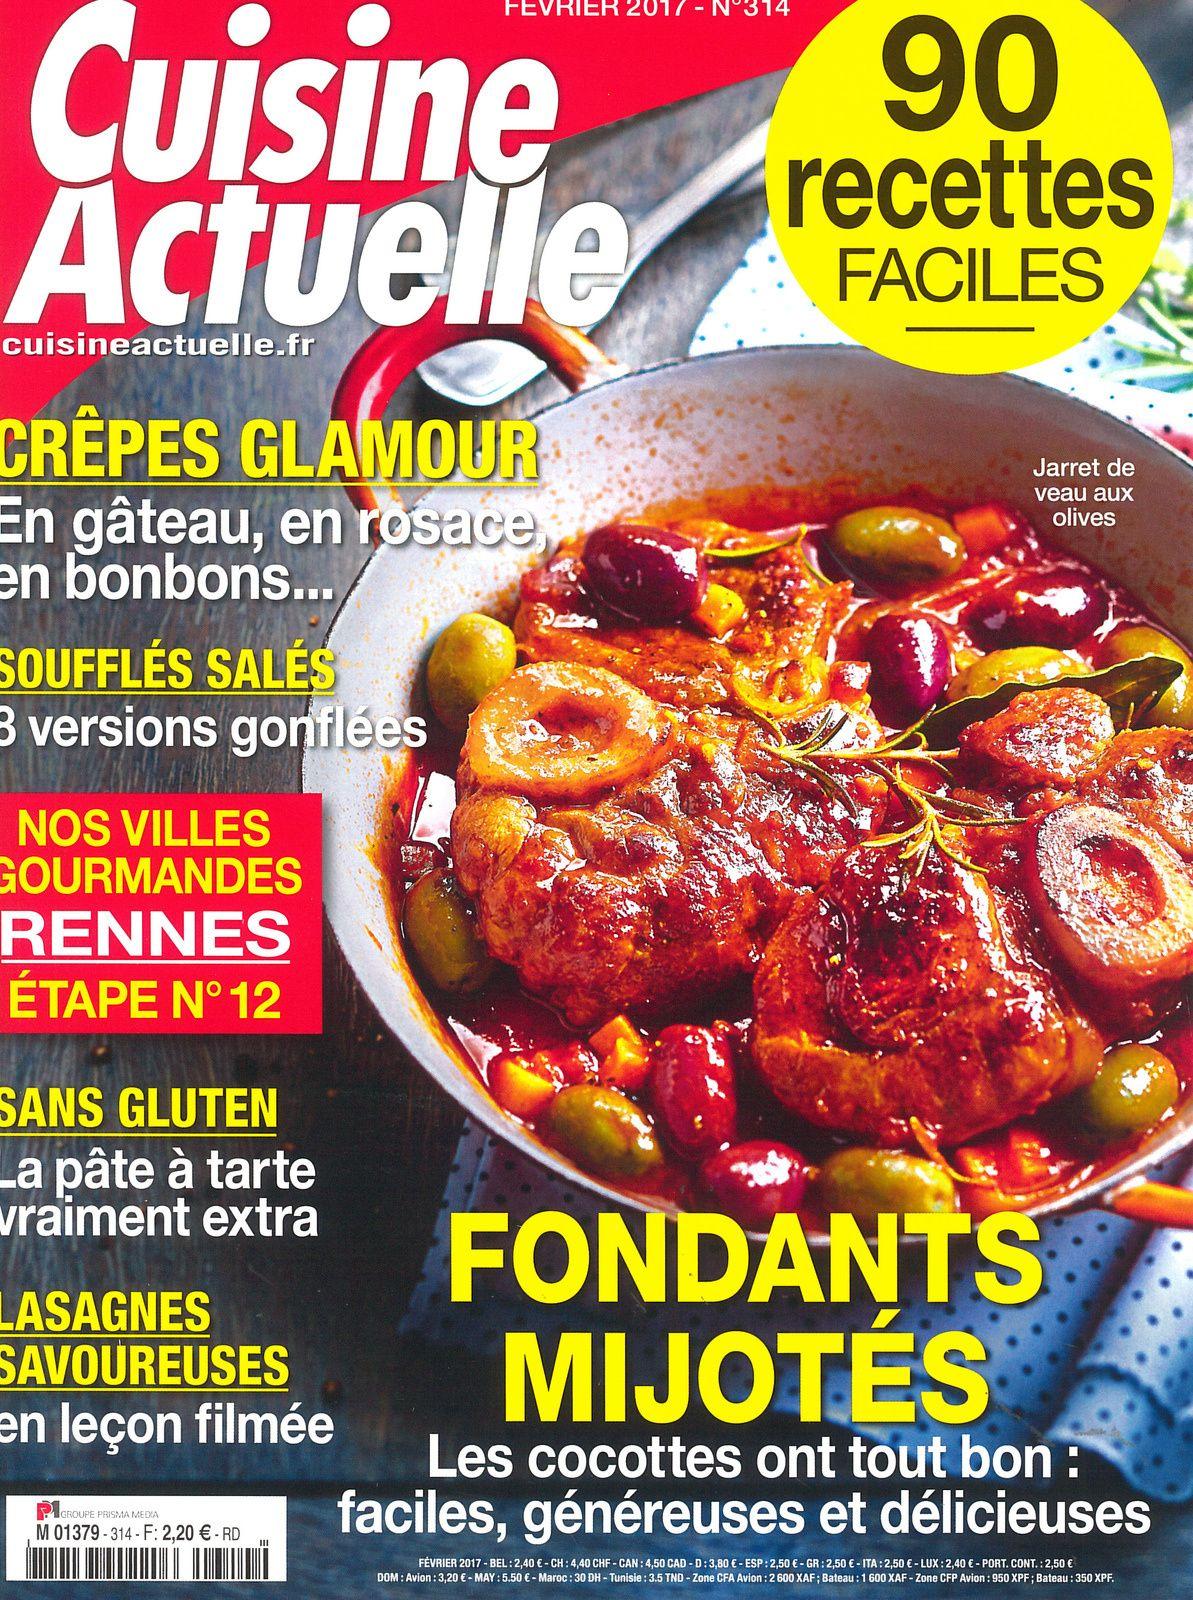 Le Magazine Cuisine Actuelle Et Son Dossier Special Crepes